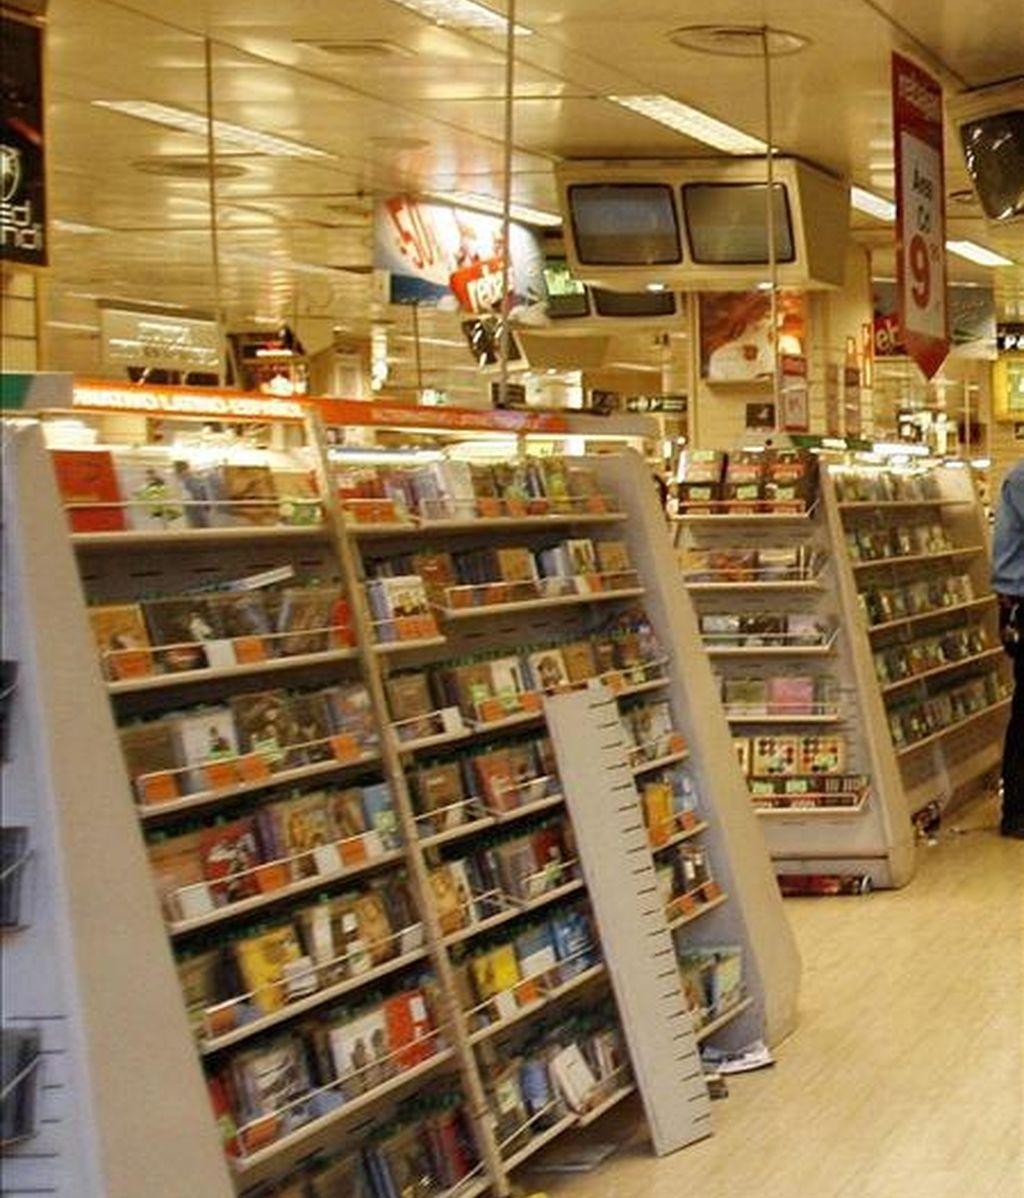 Expositores con discos de música en unos grandes almacenes. EFE/Archivo